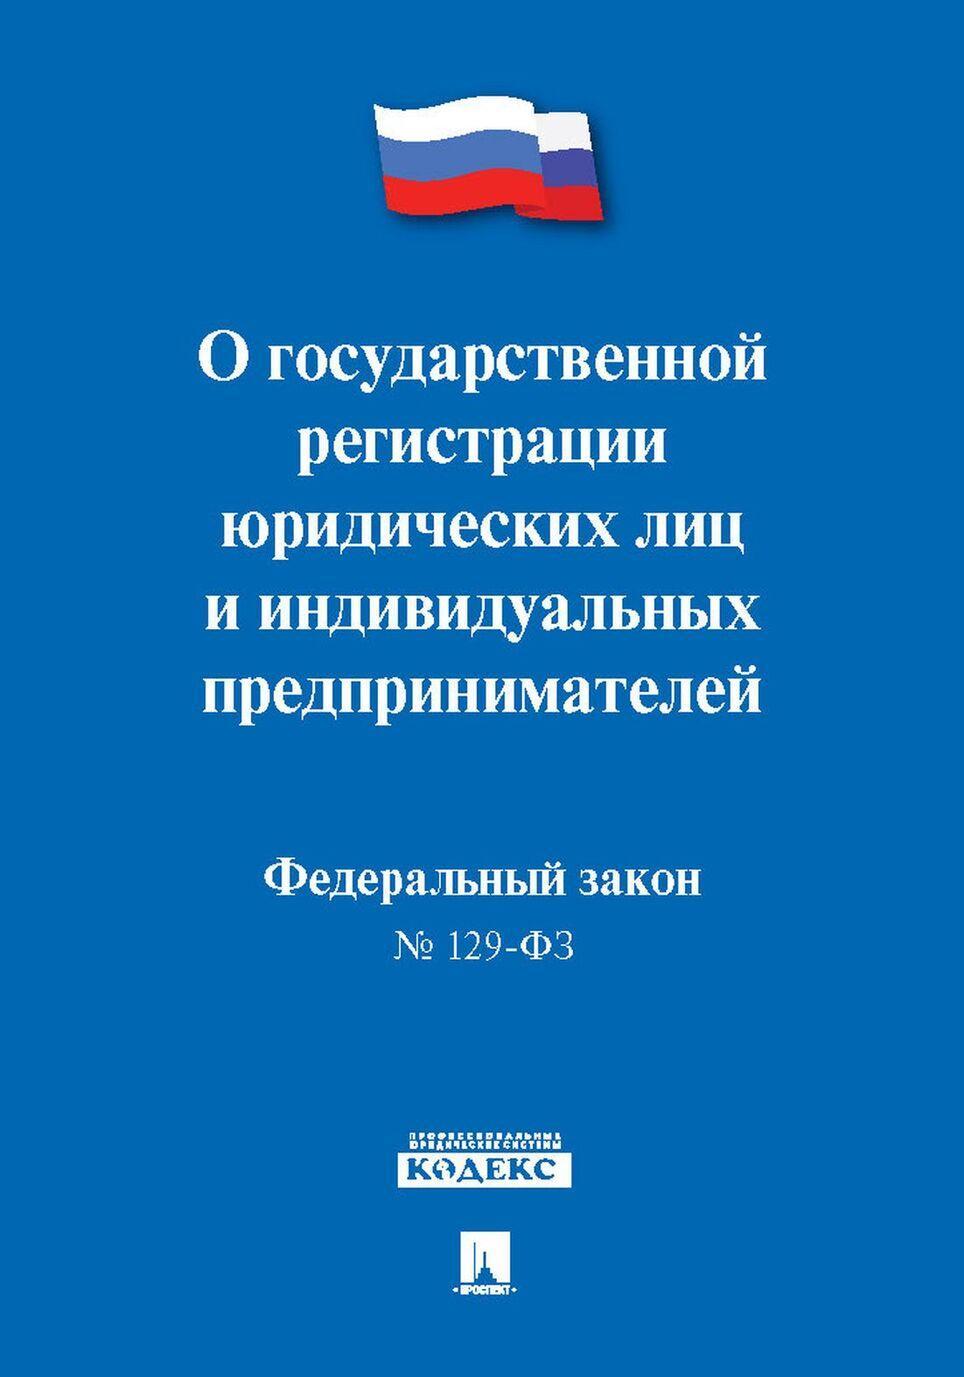 Federalnyj zakon №129-FZ